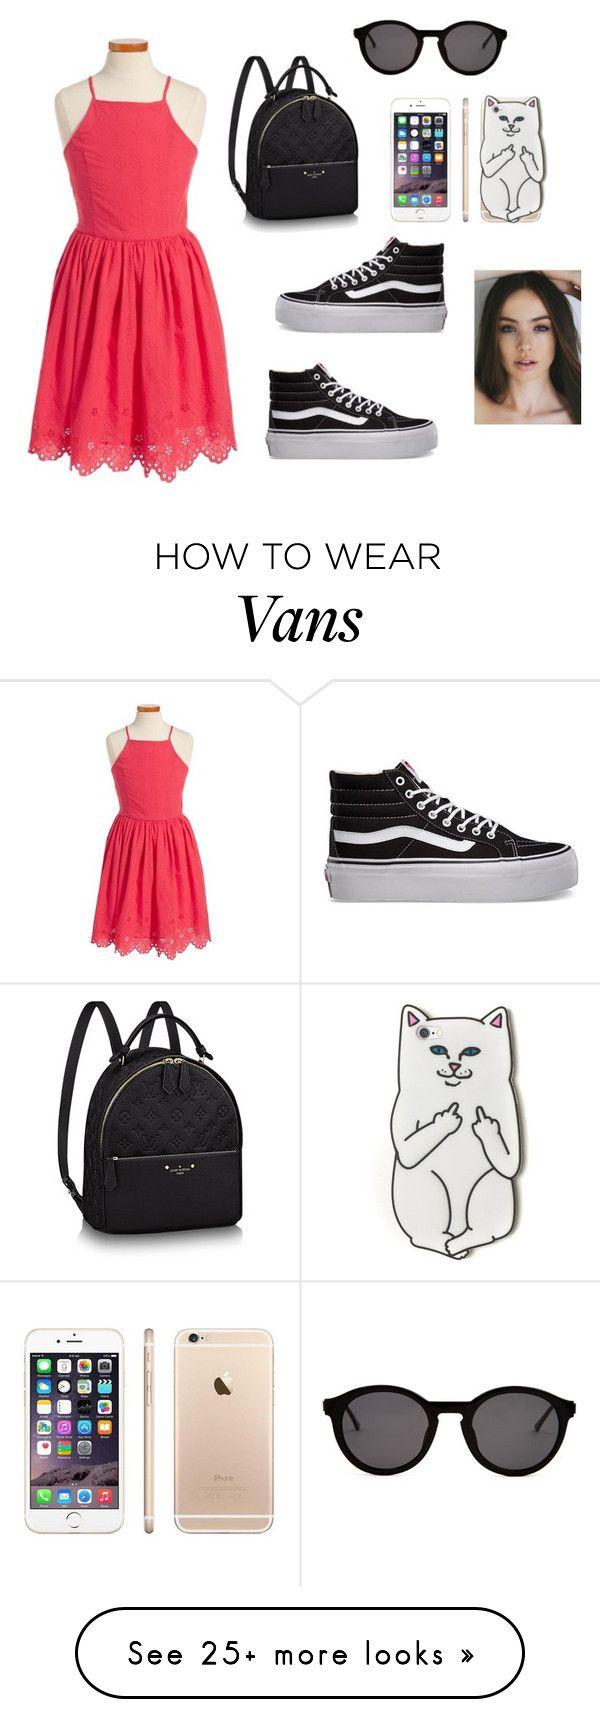 Les 25 meilleures id es de la cat gorie chaussures ado fille sur pinterest - Accessoires mode ado fille ...